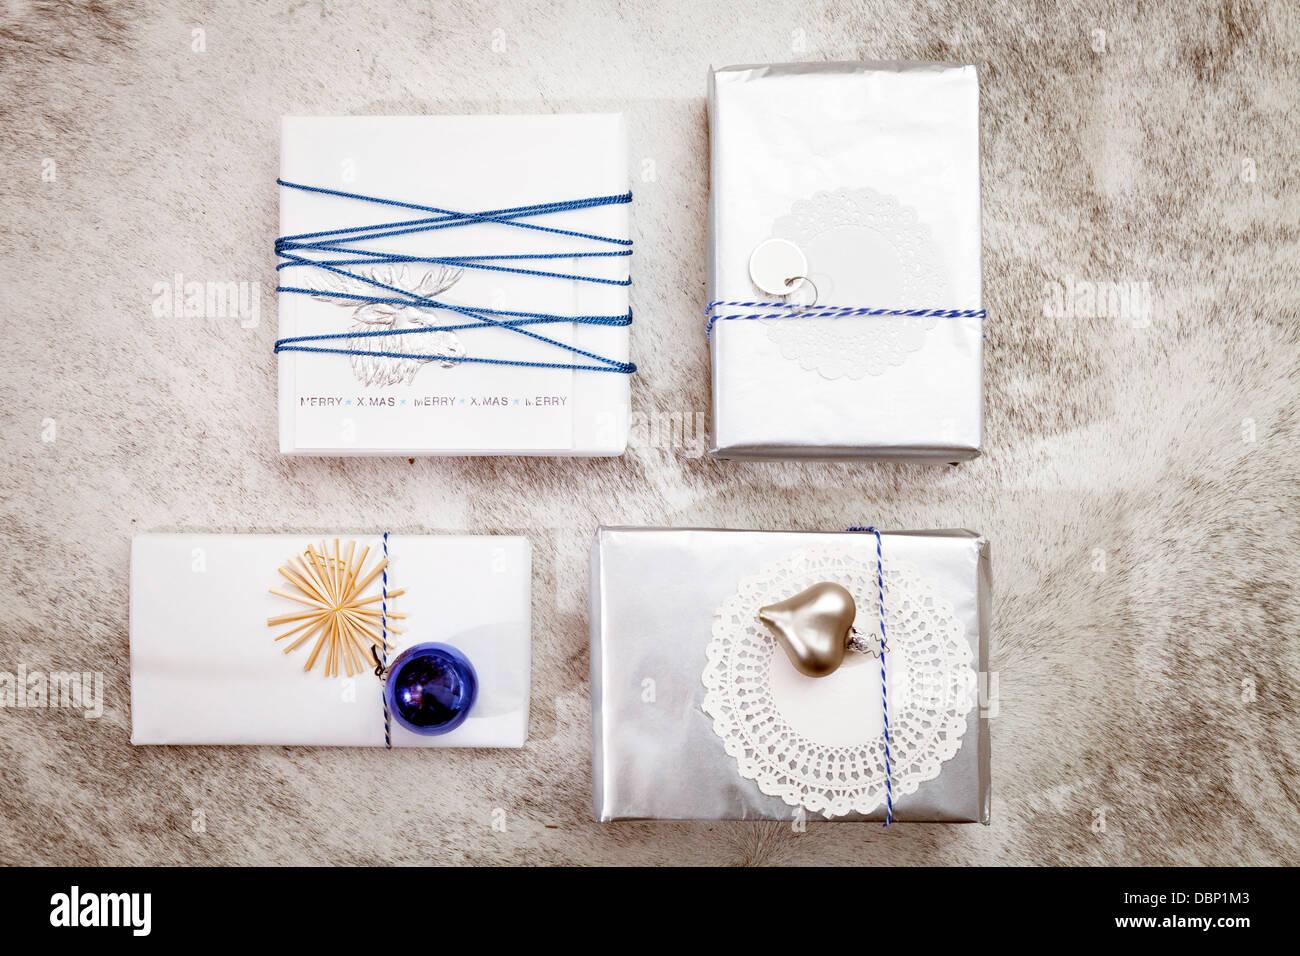 Weihnachtsdekoration, Vielzahl von Geschenk-Boxen, München, Bayern, Deutschland Stockbild